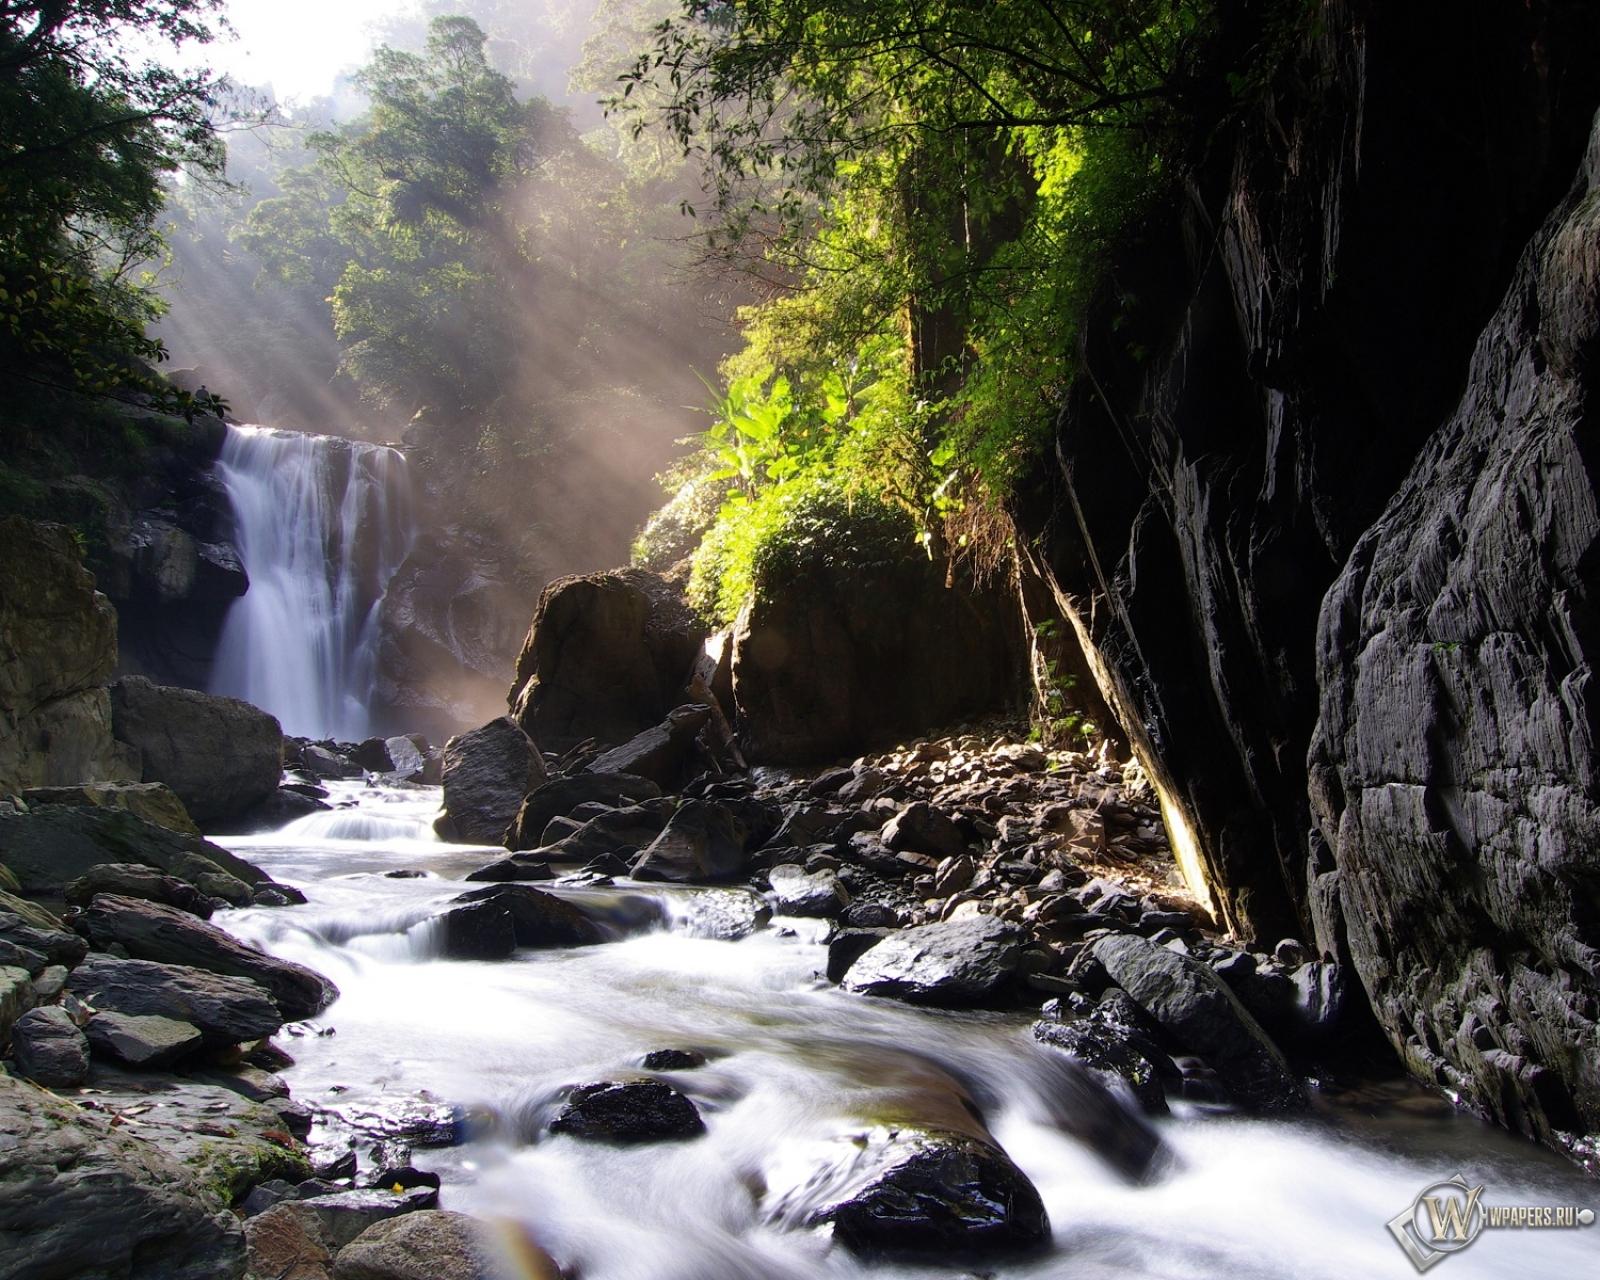 Neidong waterfall 1600x1280